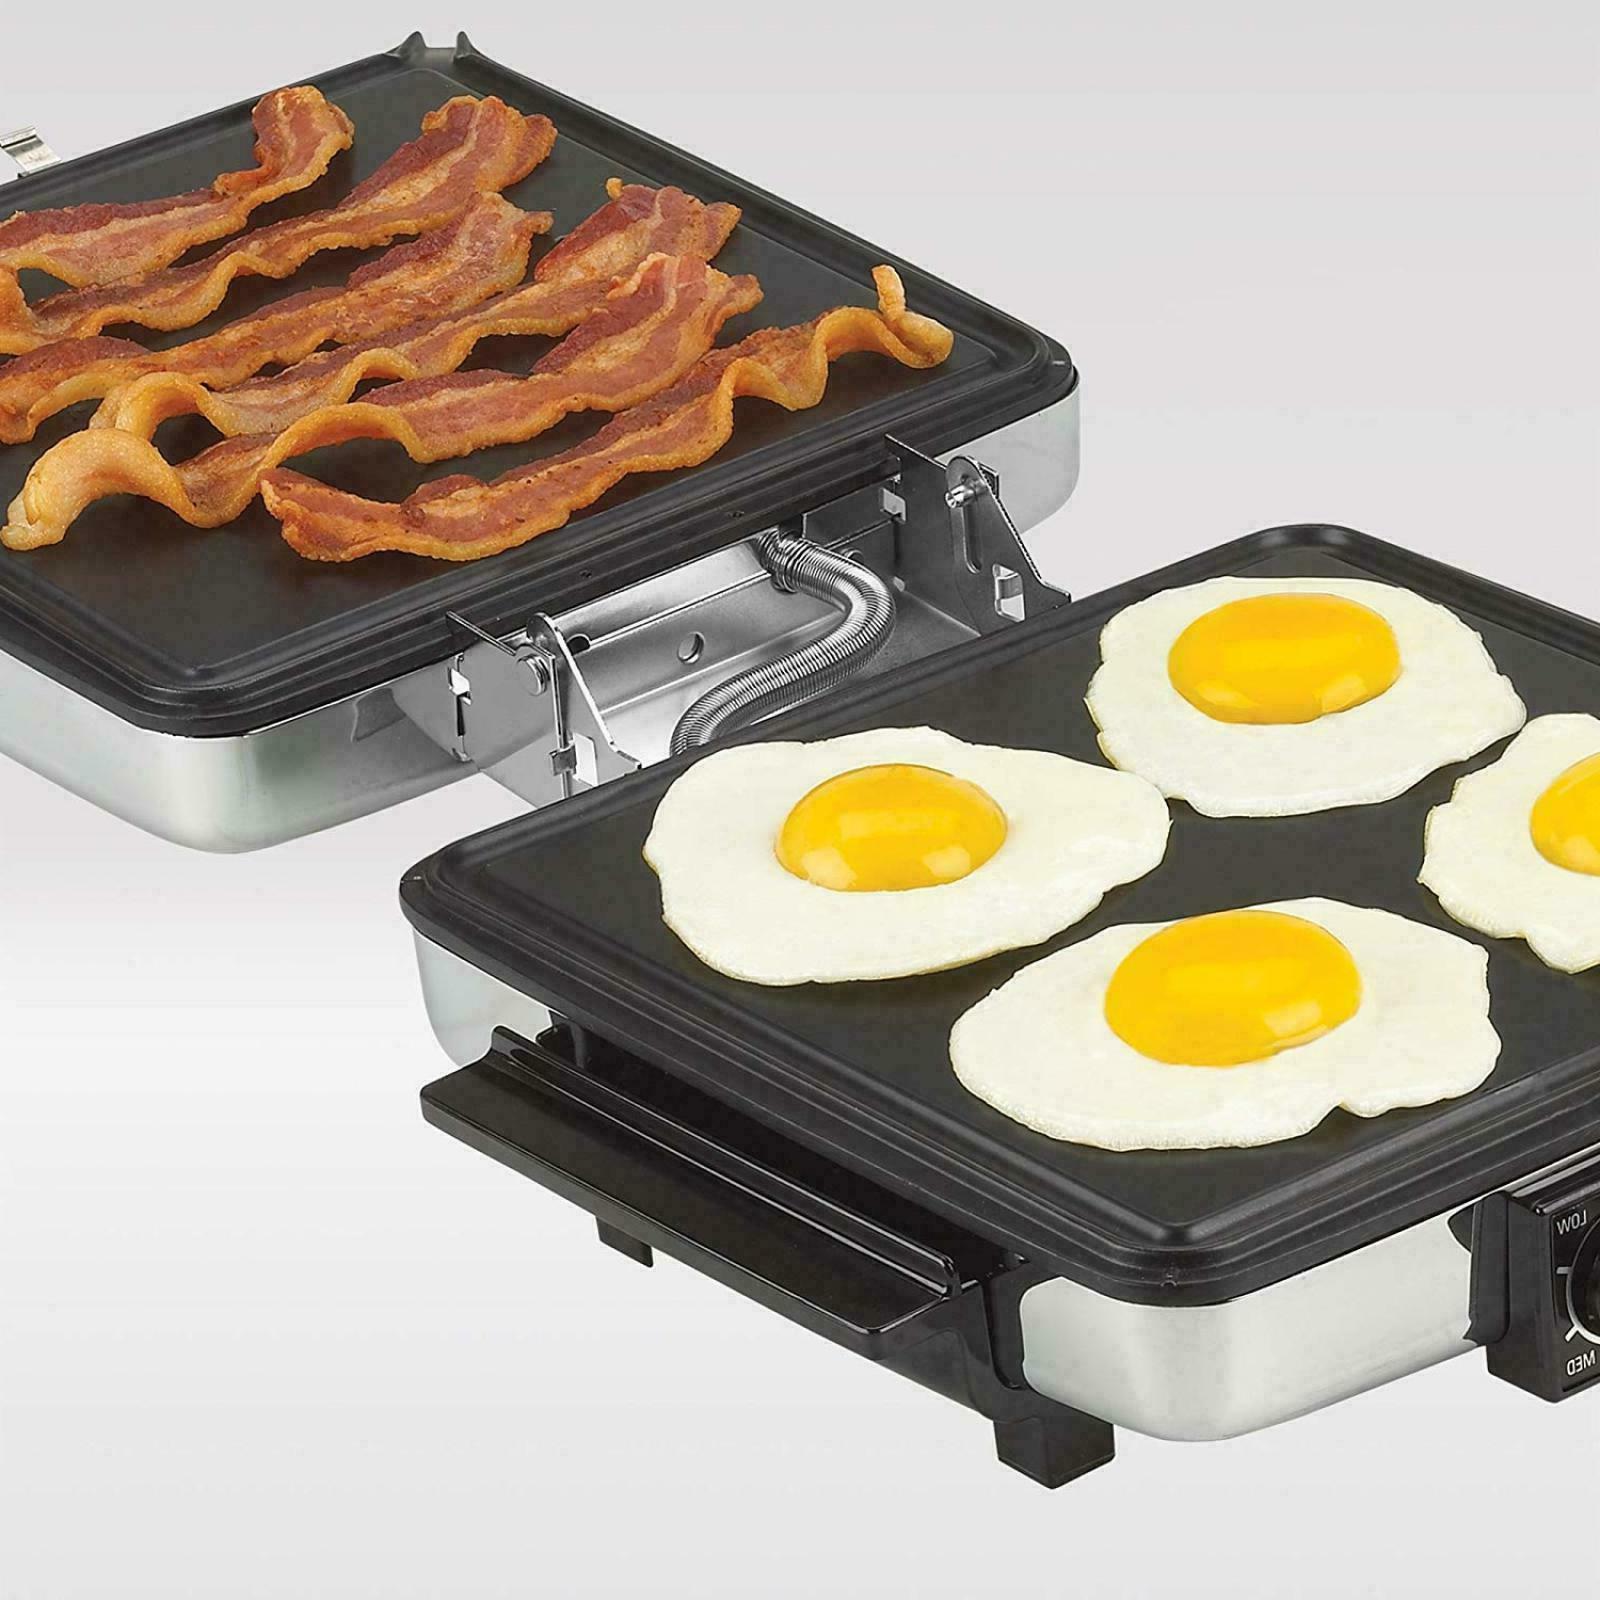 Waffle Maker Indoor Grill 3-in-1 Nonstick